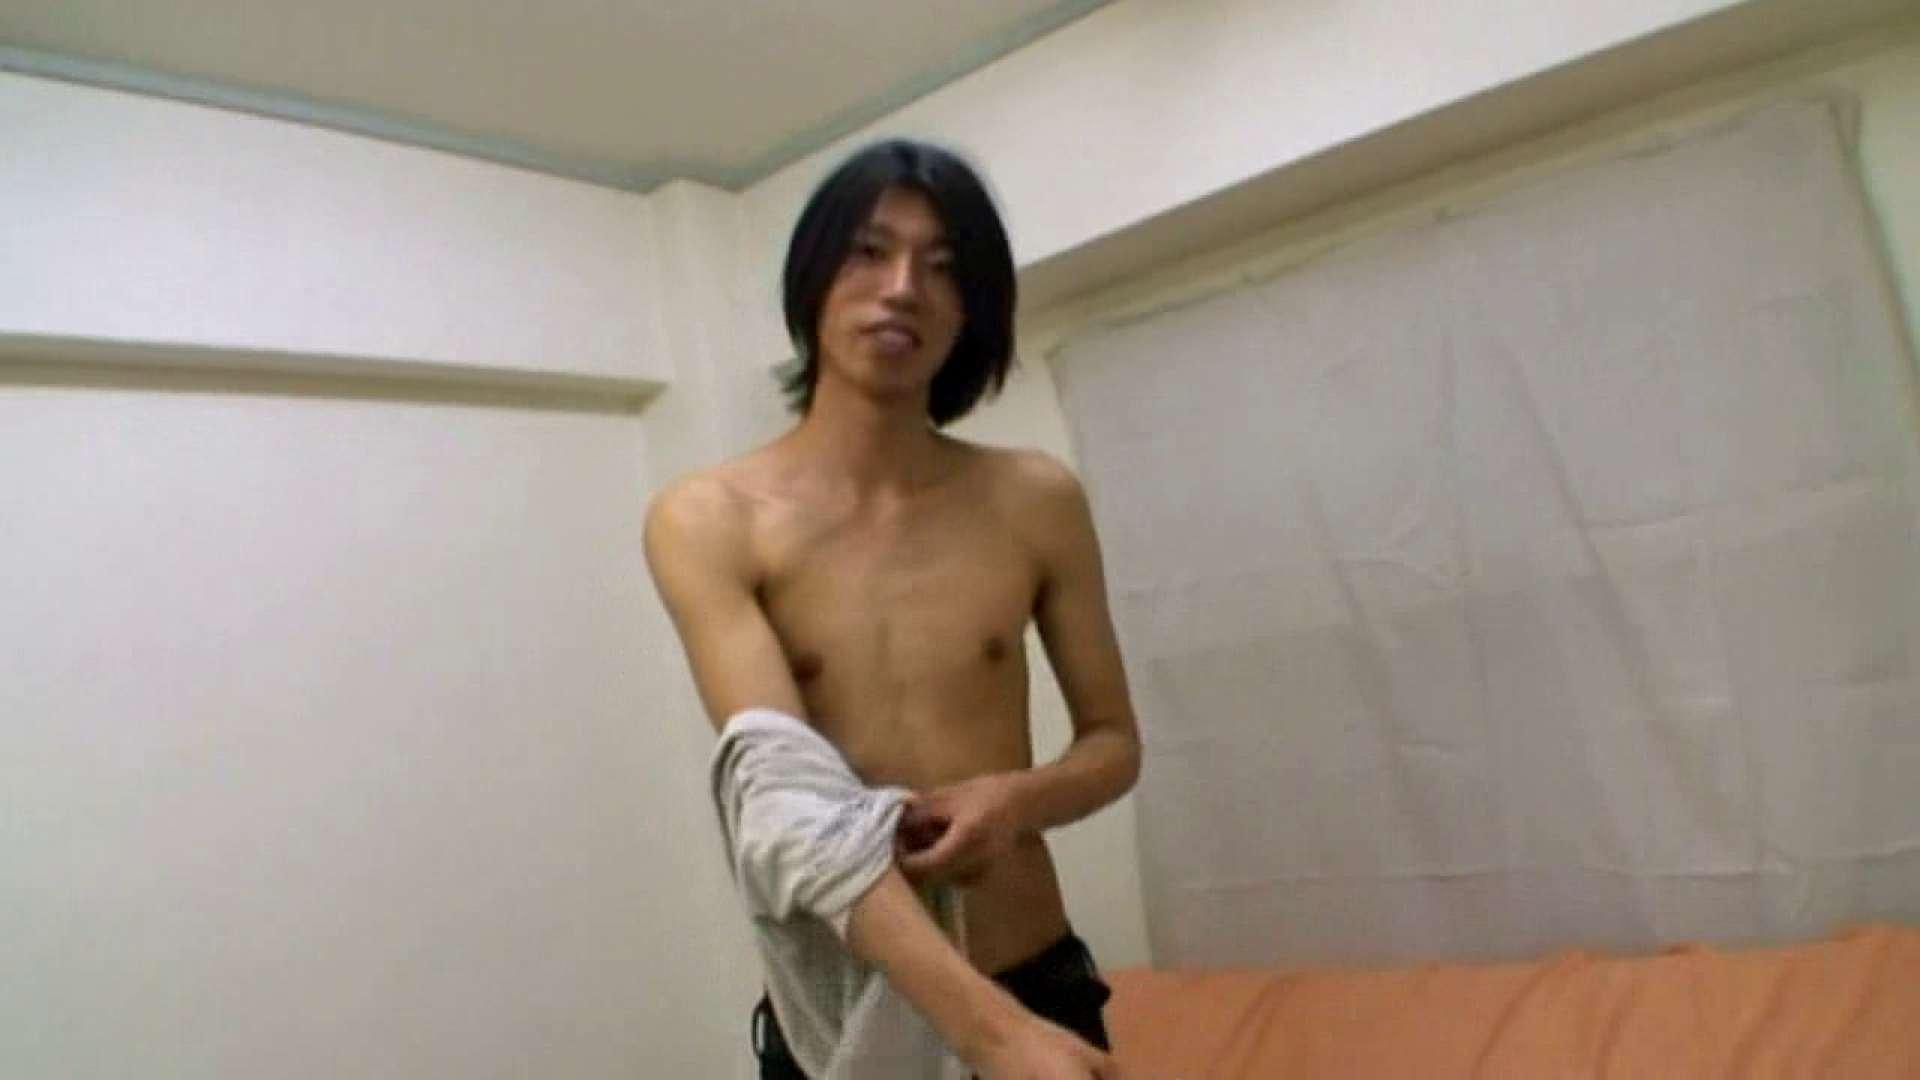 ノンケ!自慰スタジオ No.36 ゲイの自慰 ゲイ丸見え画像 101pic 47